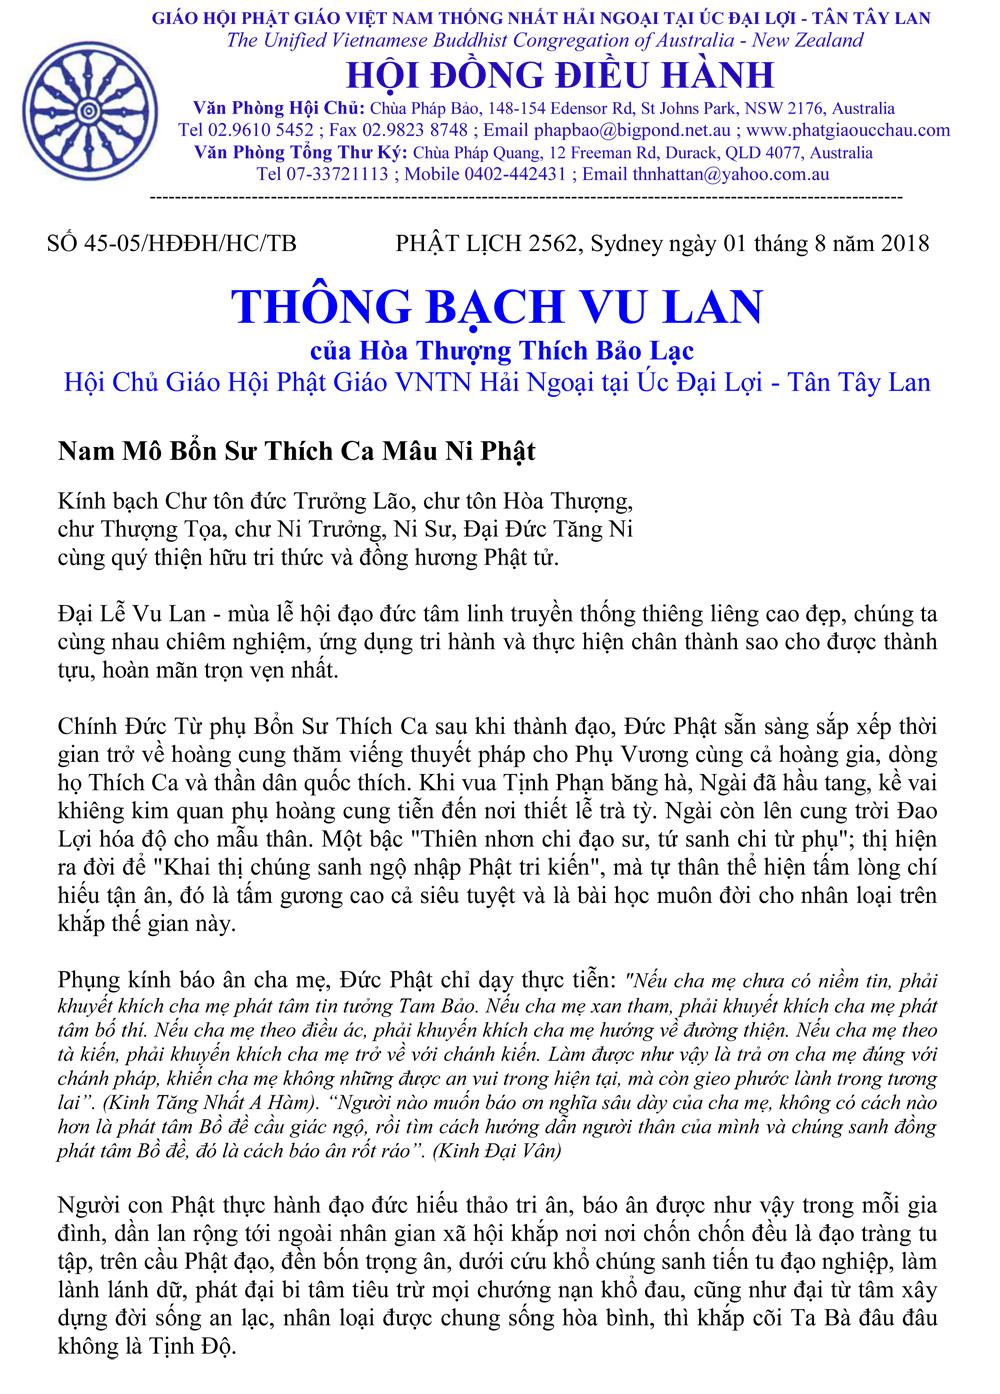 Thông Bạch Vu Lan PL 2562_HT Hội Chủ Thích Bảo Lạc-1